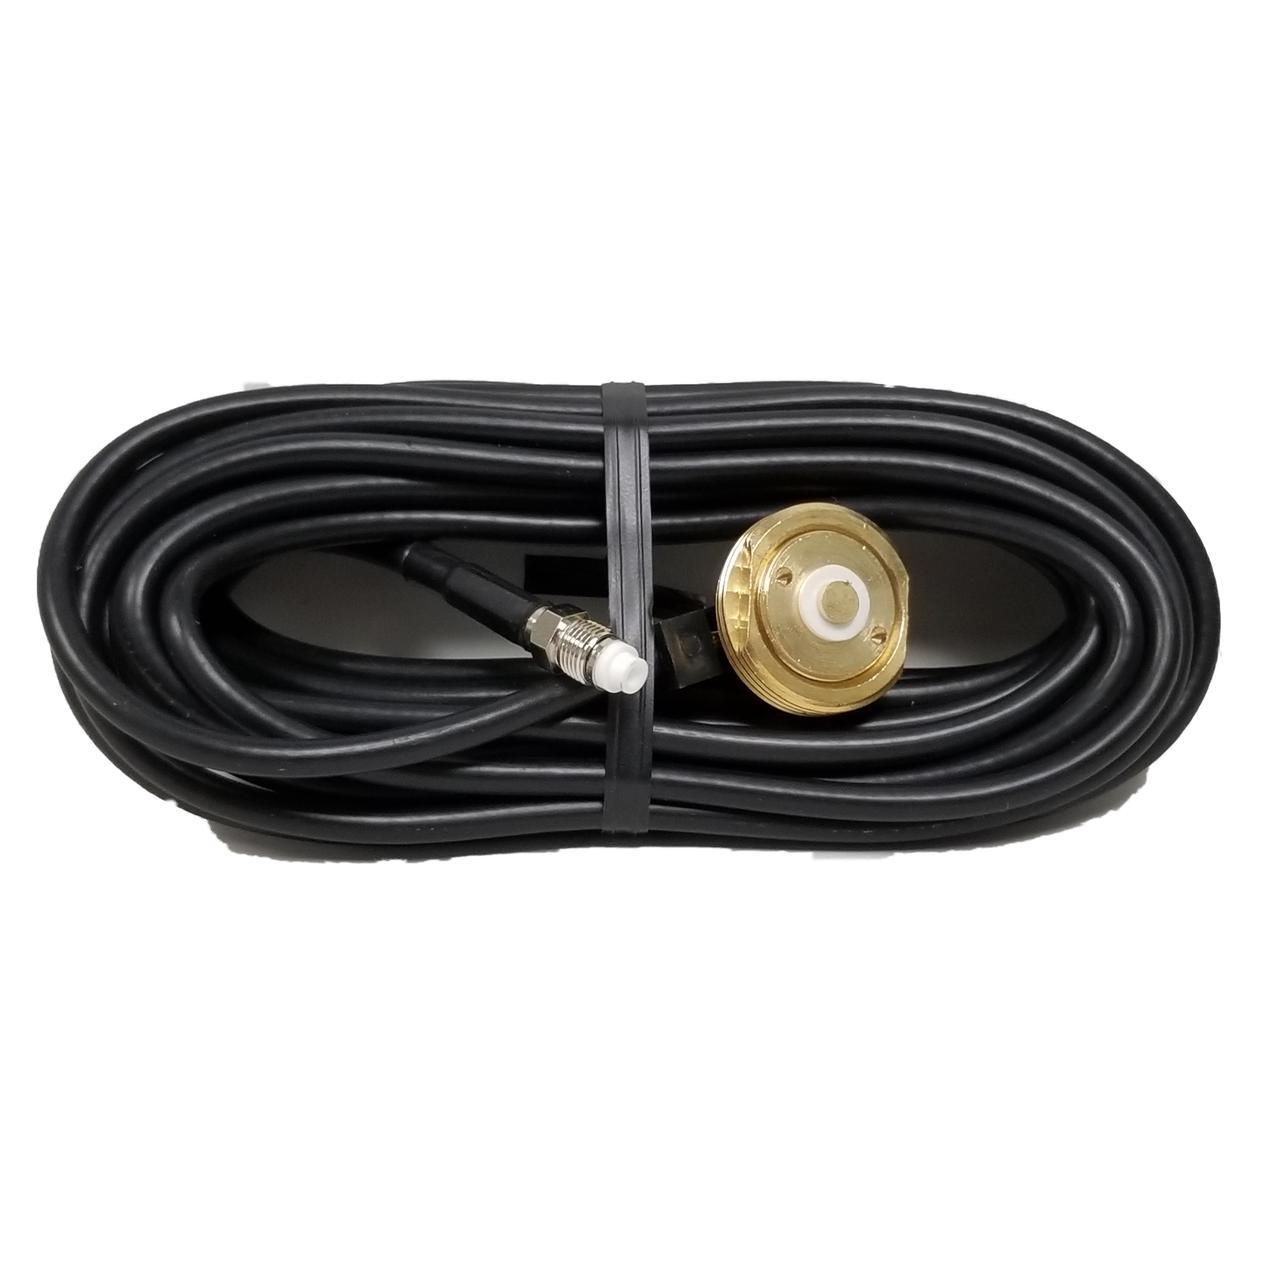 NMO-3417 - NMO Antenna Cable Mount - 17-Foot RG-58 - UHF